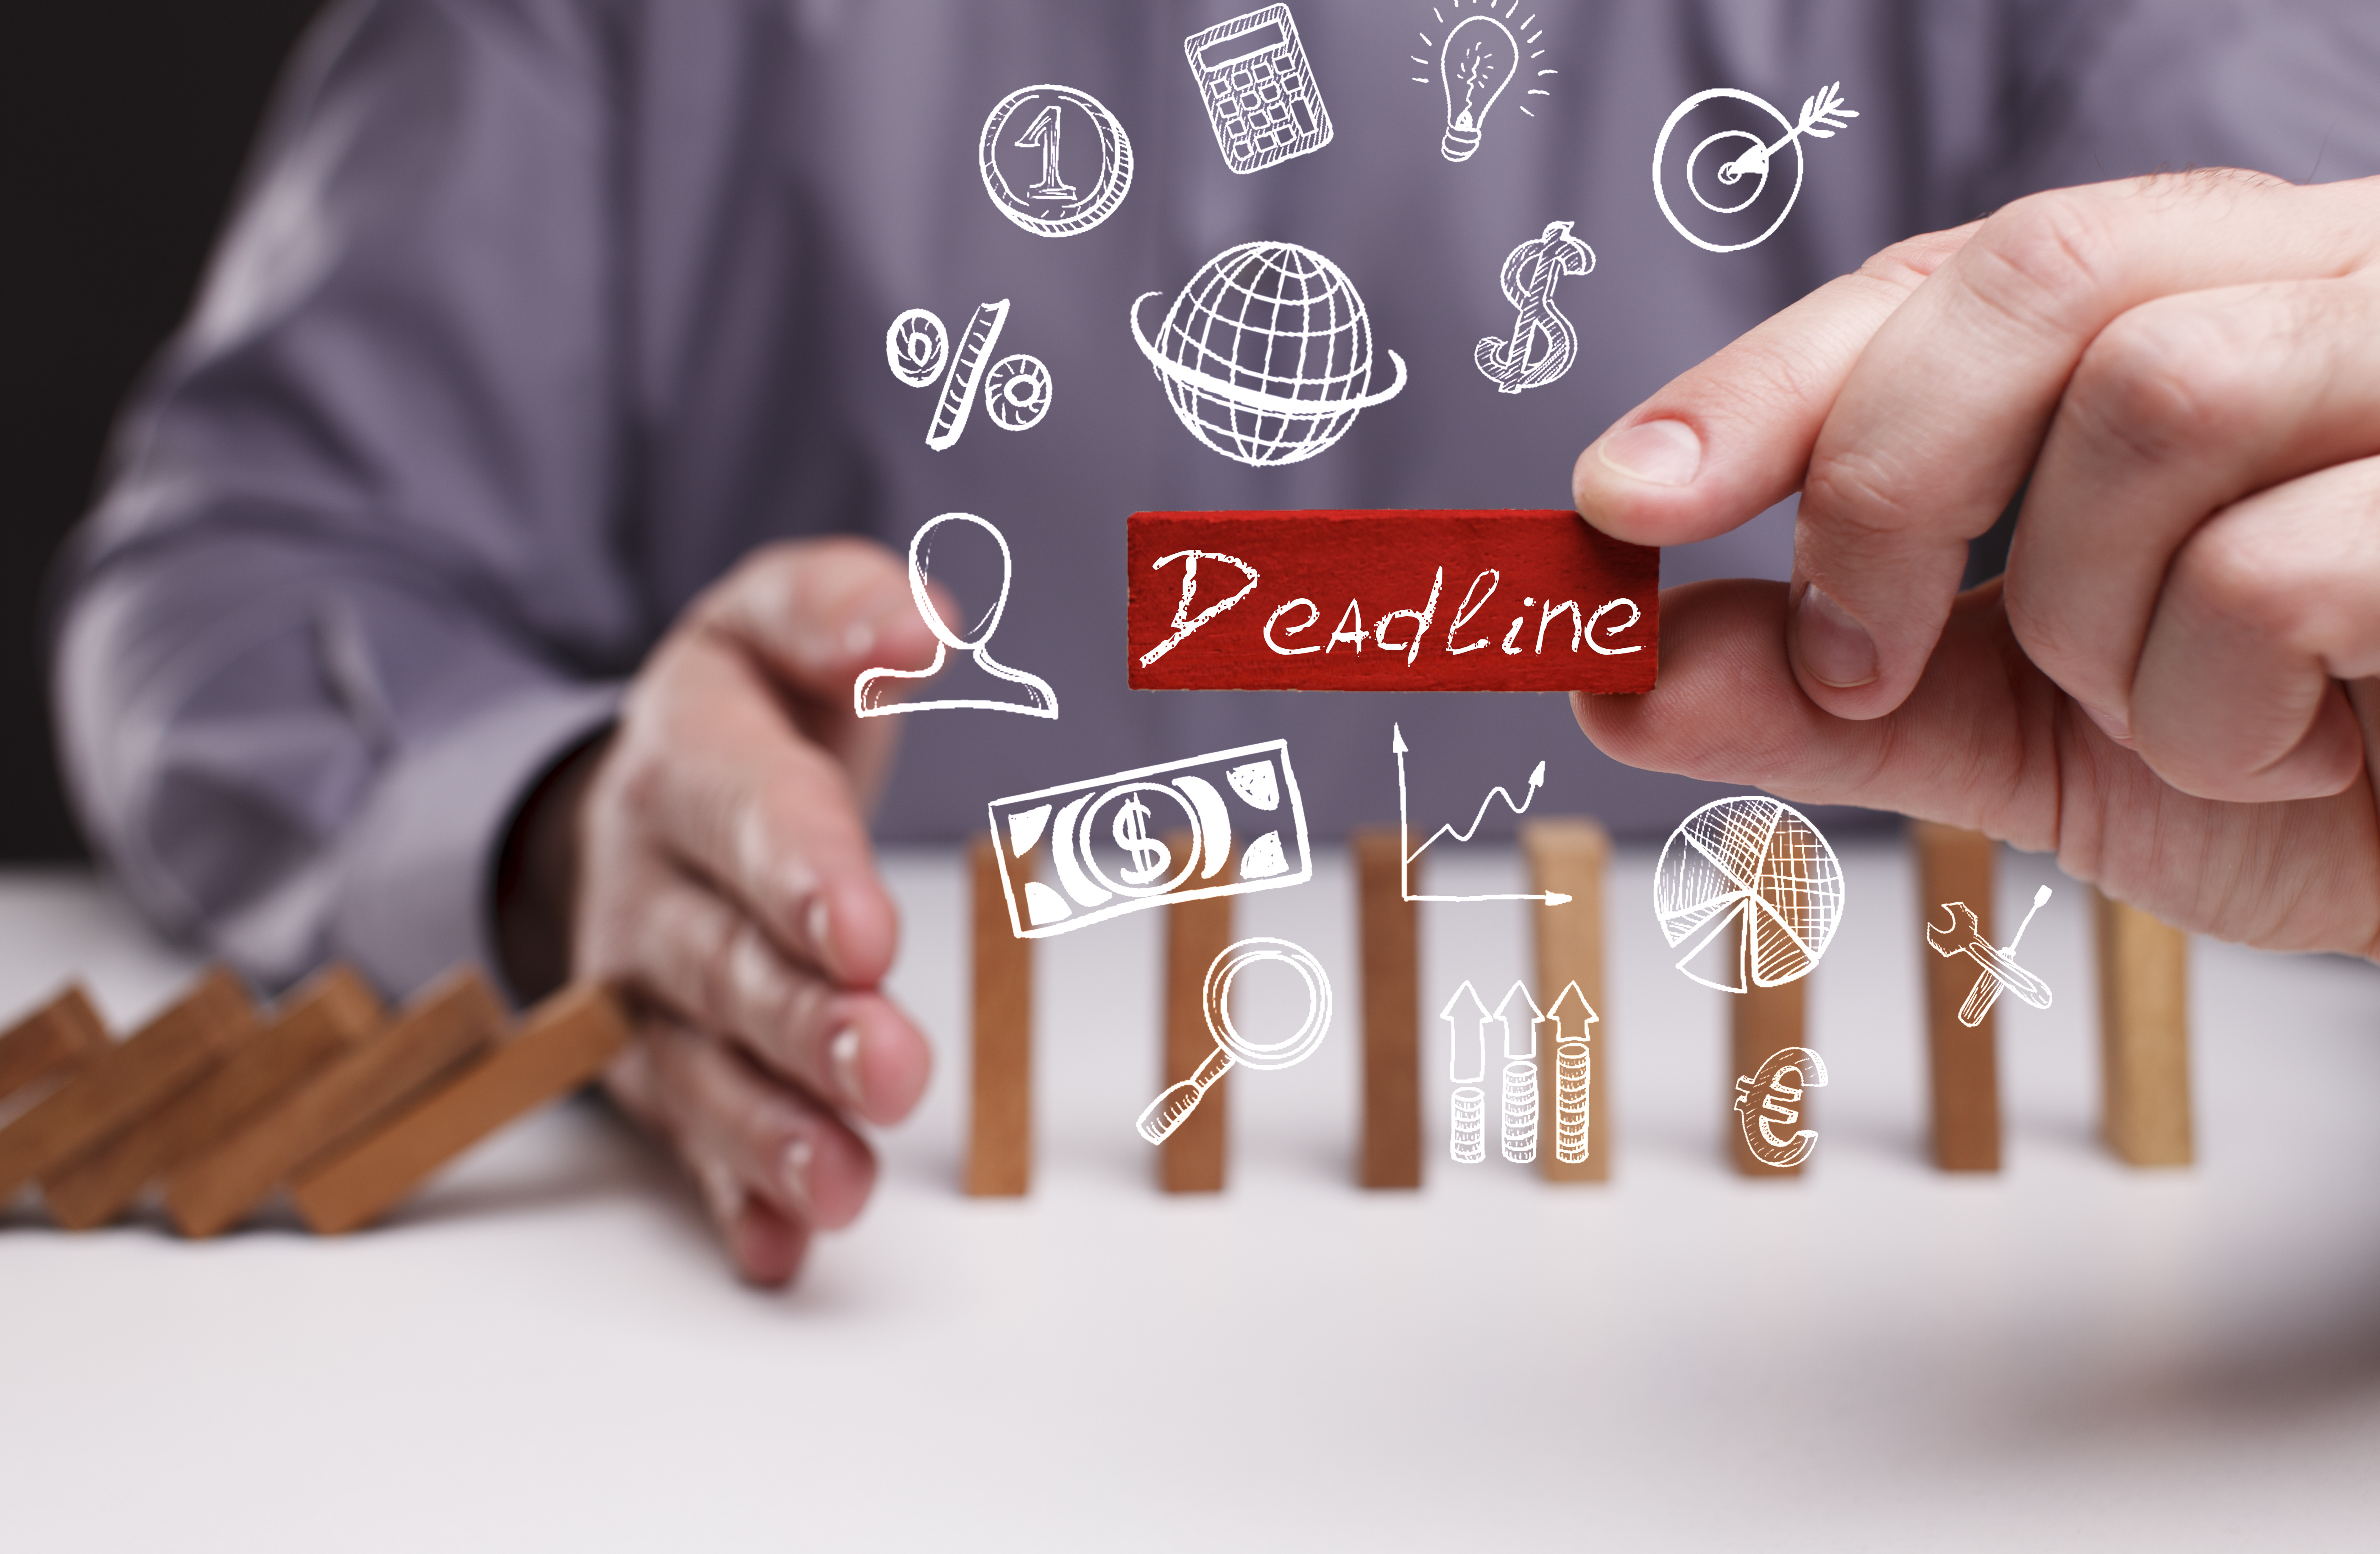 Final Reminder: Major Tax DeadlineIs Near